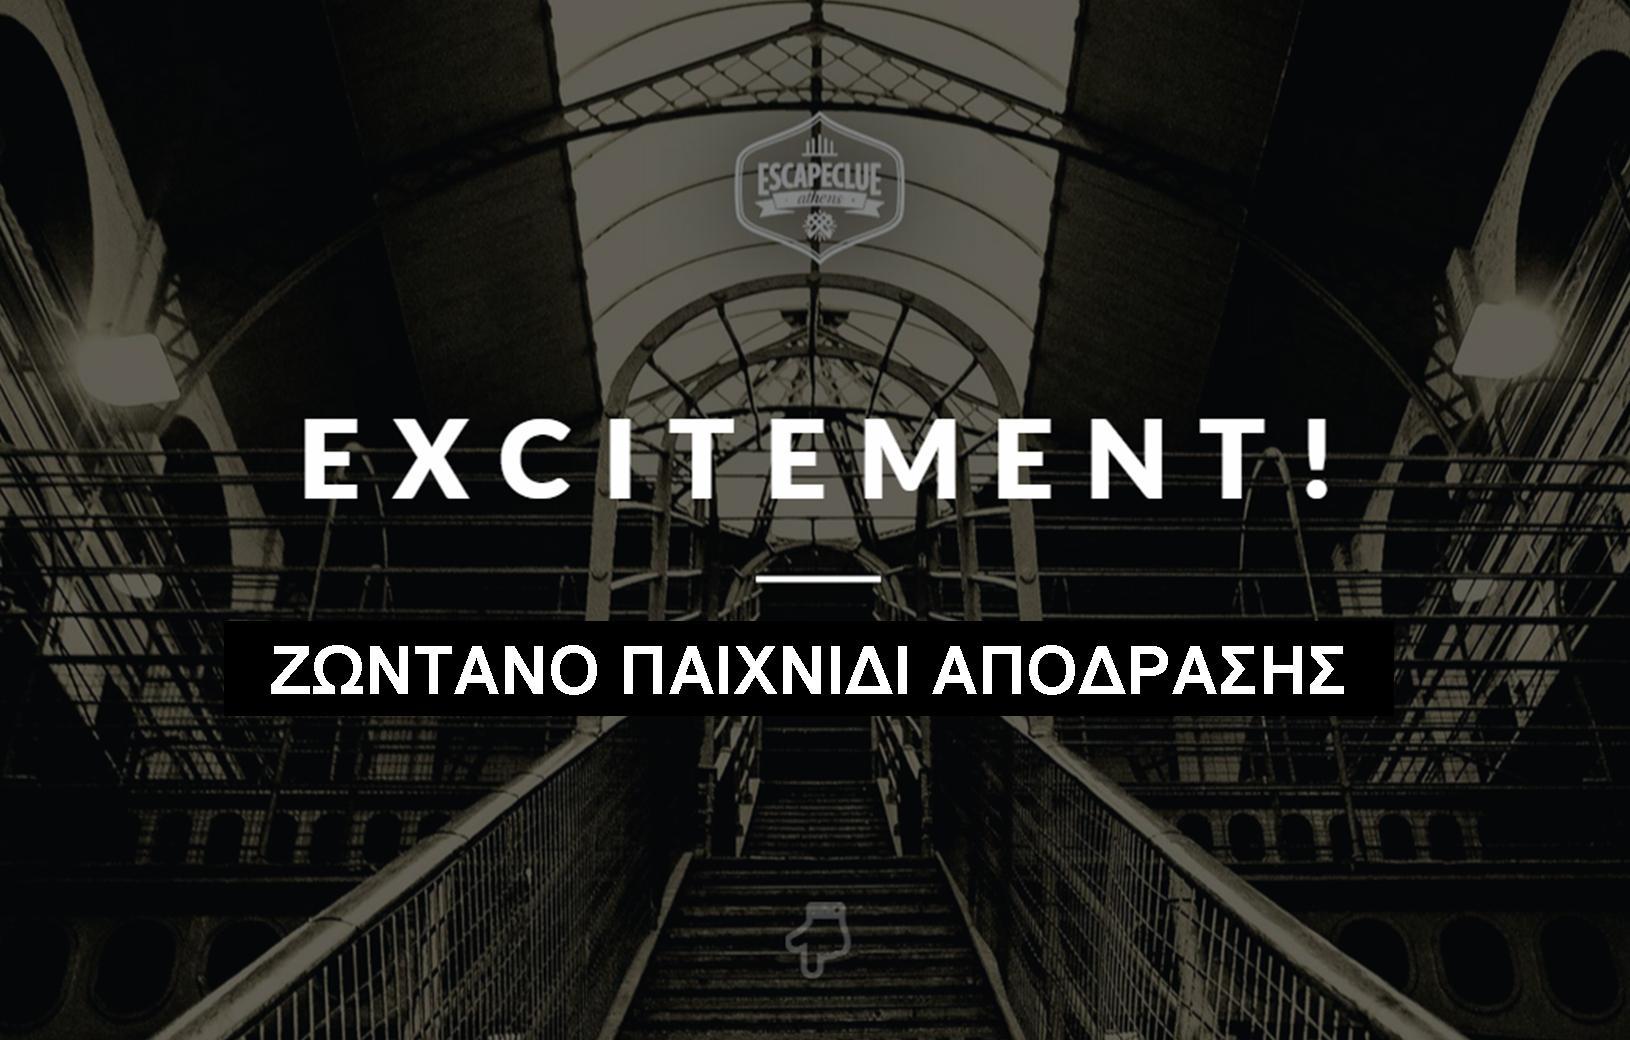 7,5€ από 14€ για συμμετοχή σε Ζωντανό Παιχνίδι Απόδρασης στα Μοναδικά Δωμάτια του ''EscapeClue Athens'' στο Περιστέρι, με ελεύθερη επιλογή δωματίου εικόνα